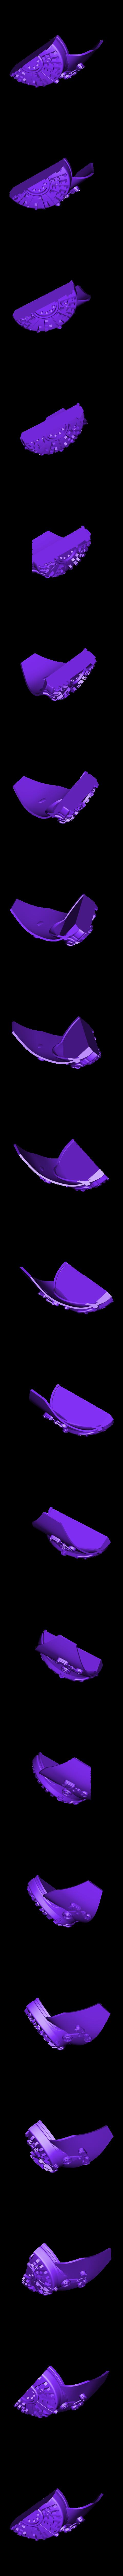 Hex3D_Vader_Facemask_P2.stl Descargar archivo STL Darth Vader - Casco de Revelación 3D para Imprimir • Diseño para imprimir en 3D, Geoffro